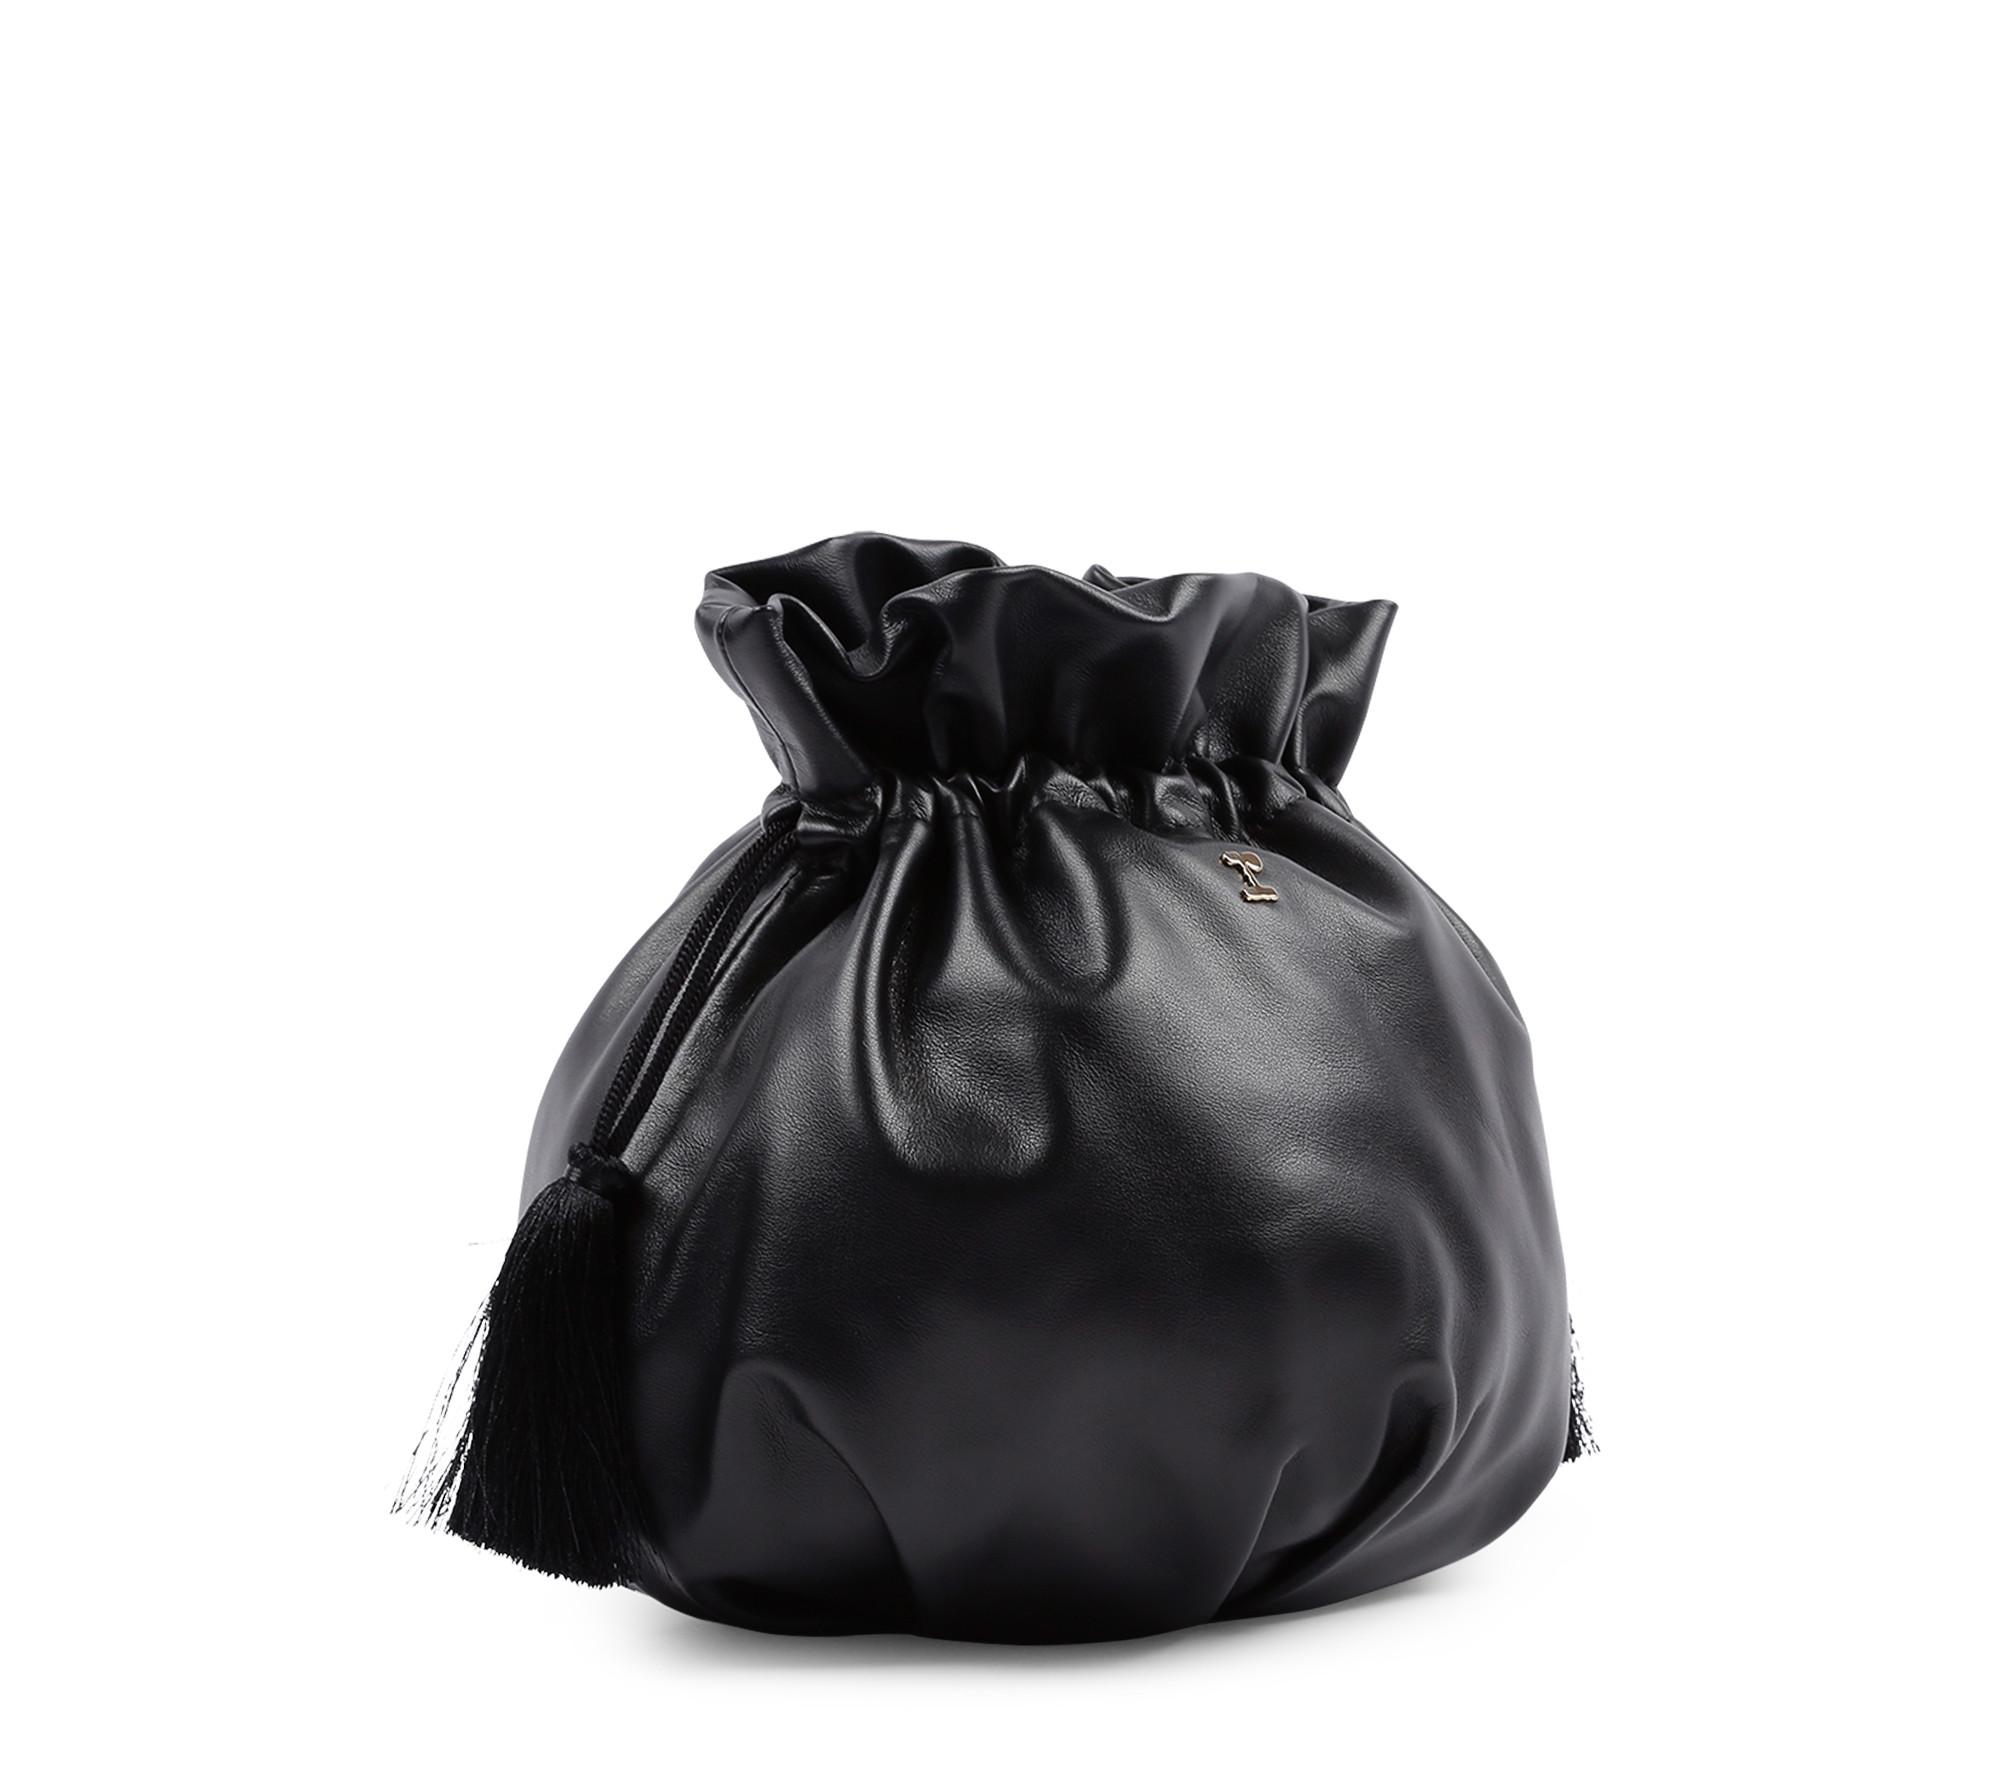 Purse bag Grand Air